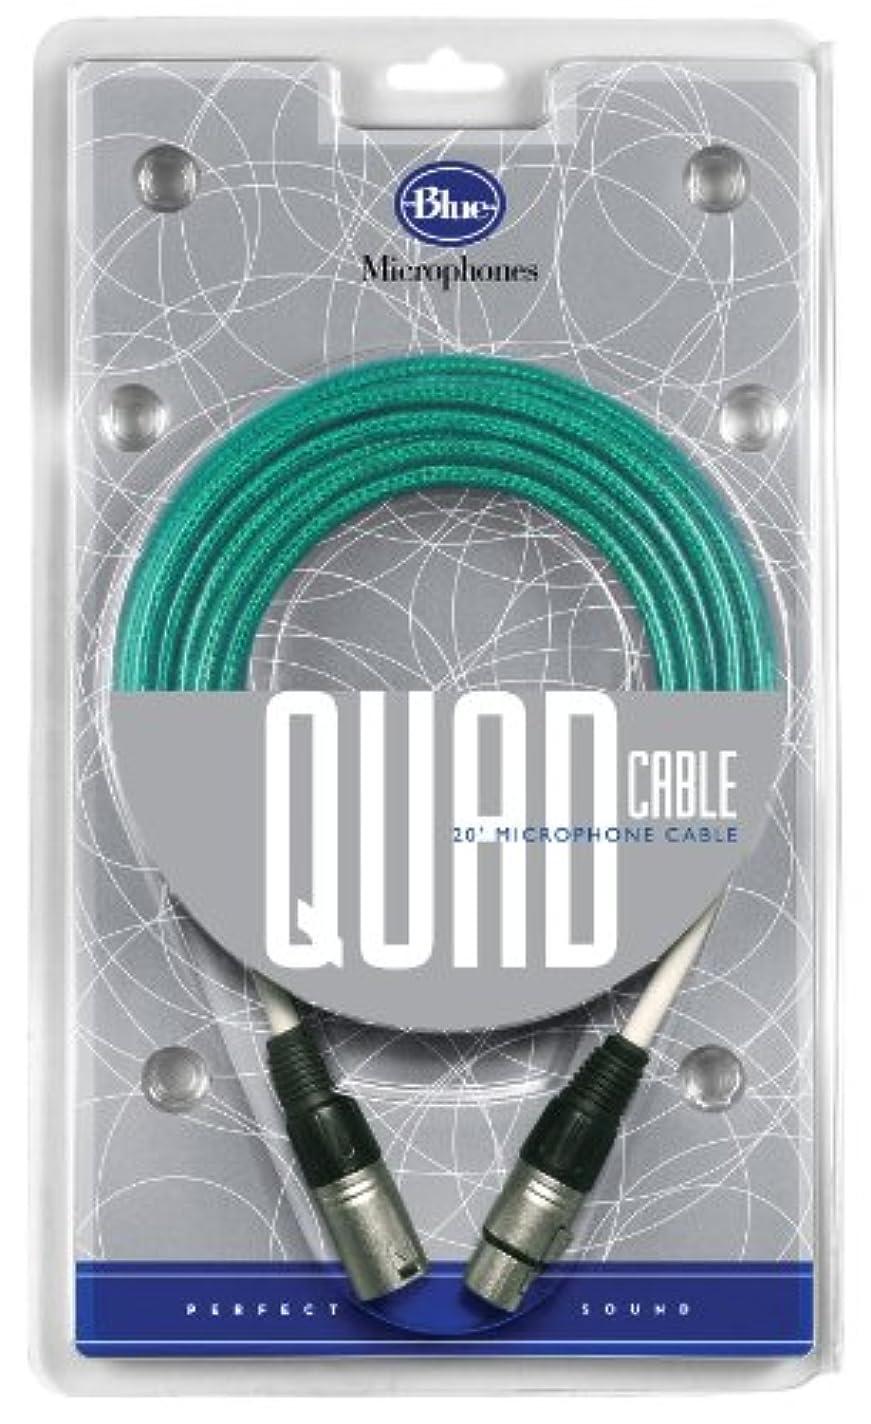 洗練されたかなりカストディアンBlueMicrophones Quad Cable マイクケーブル (ブルーマイクロフォン)